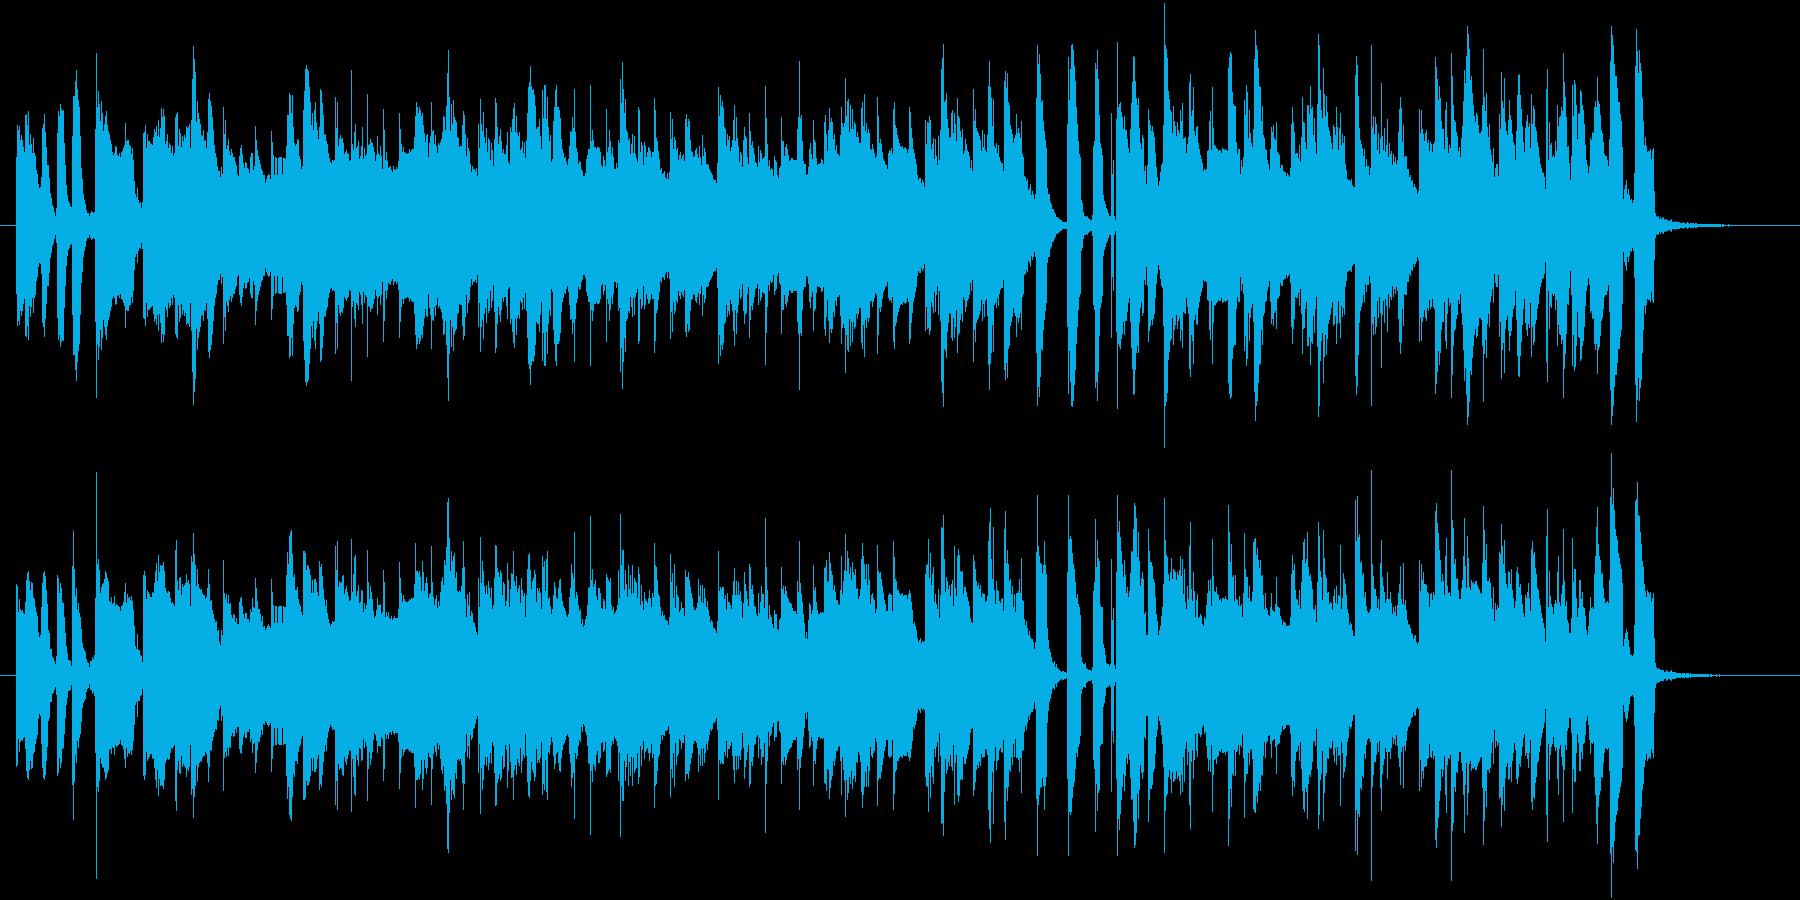 ハッピージャズの再生済みの波形